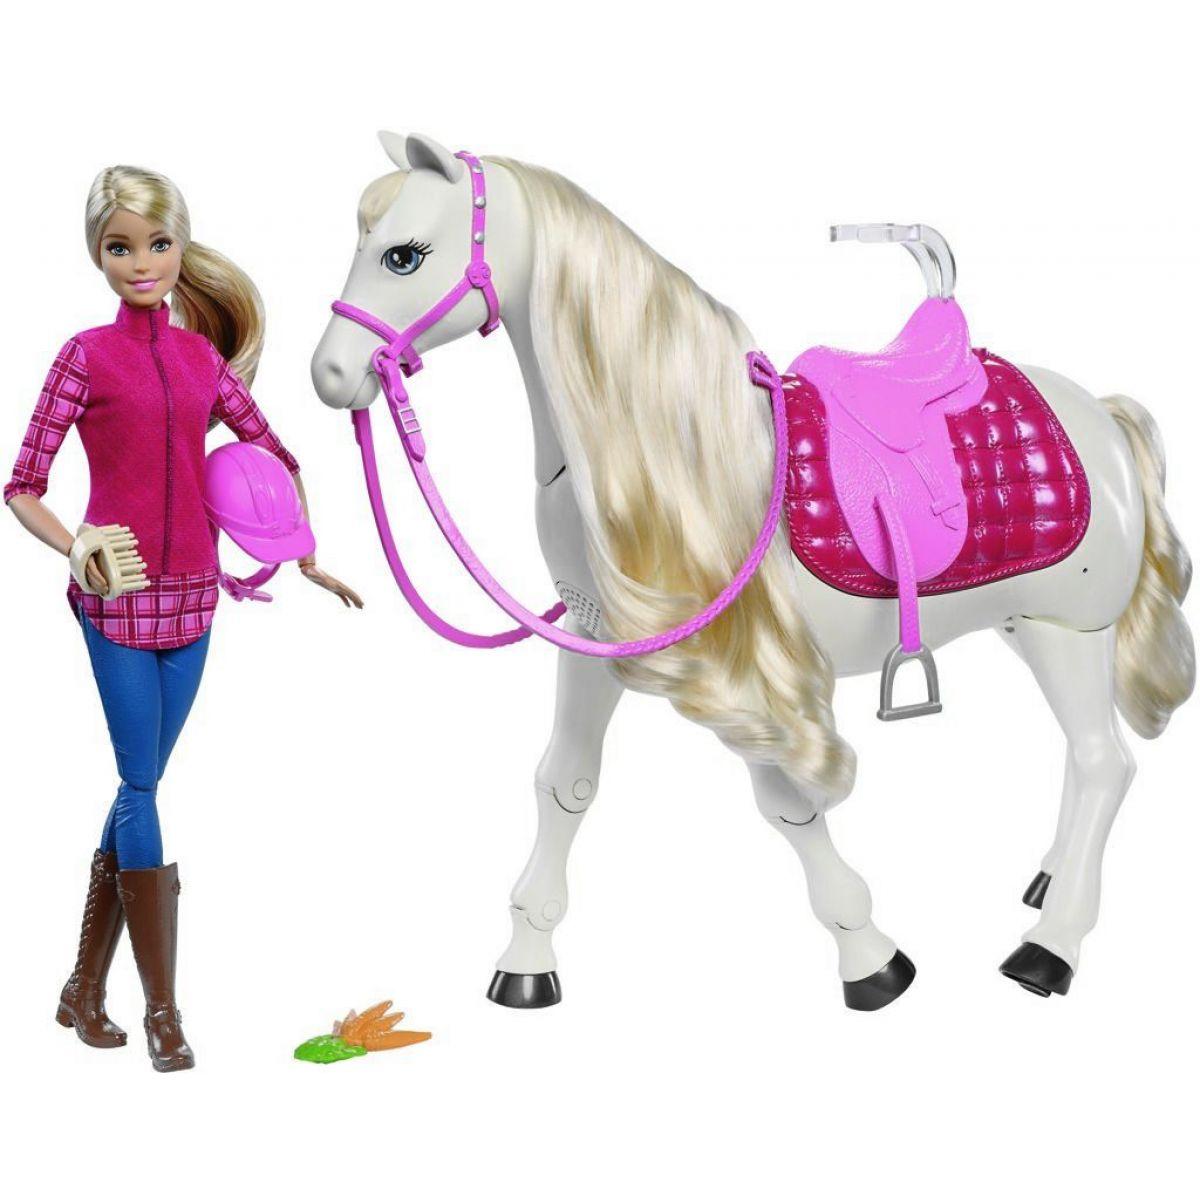 Mattel Barbie Dream horse Kůň snů - Poškozený obal